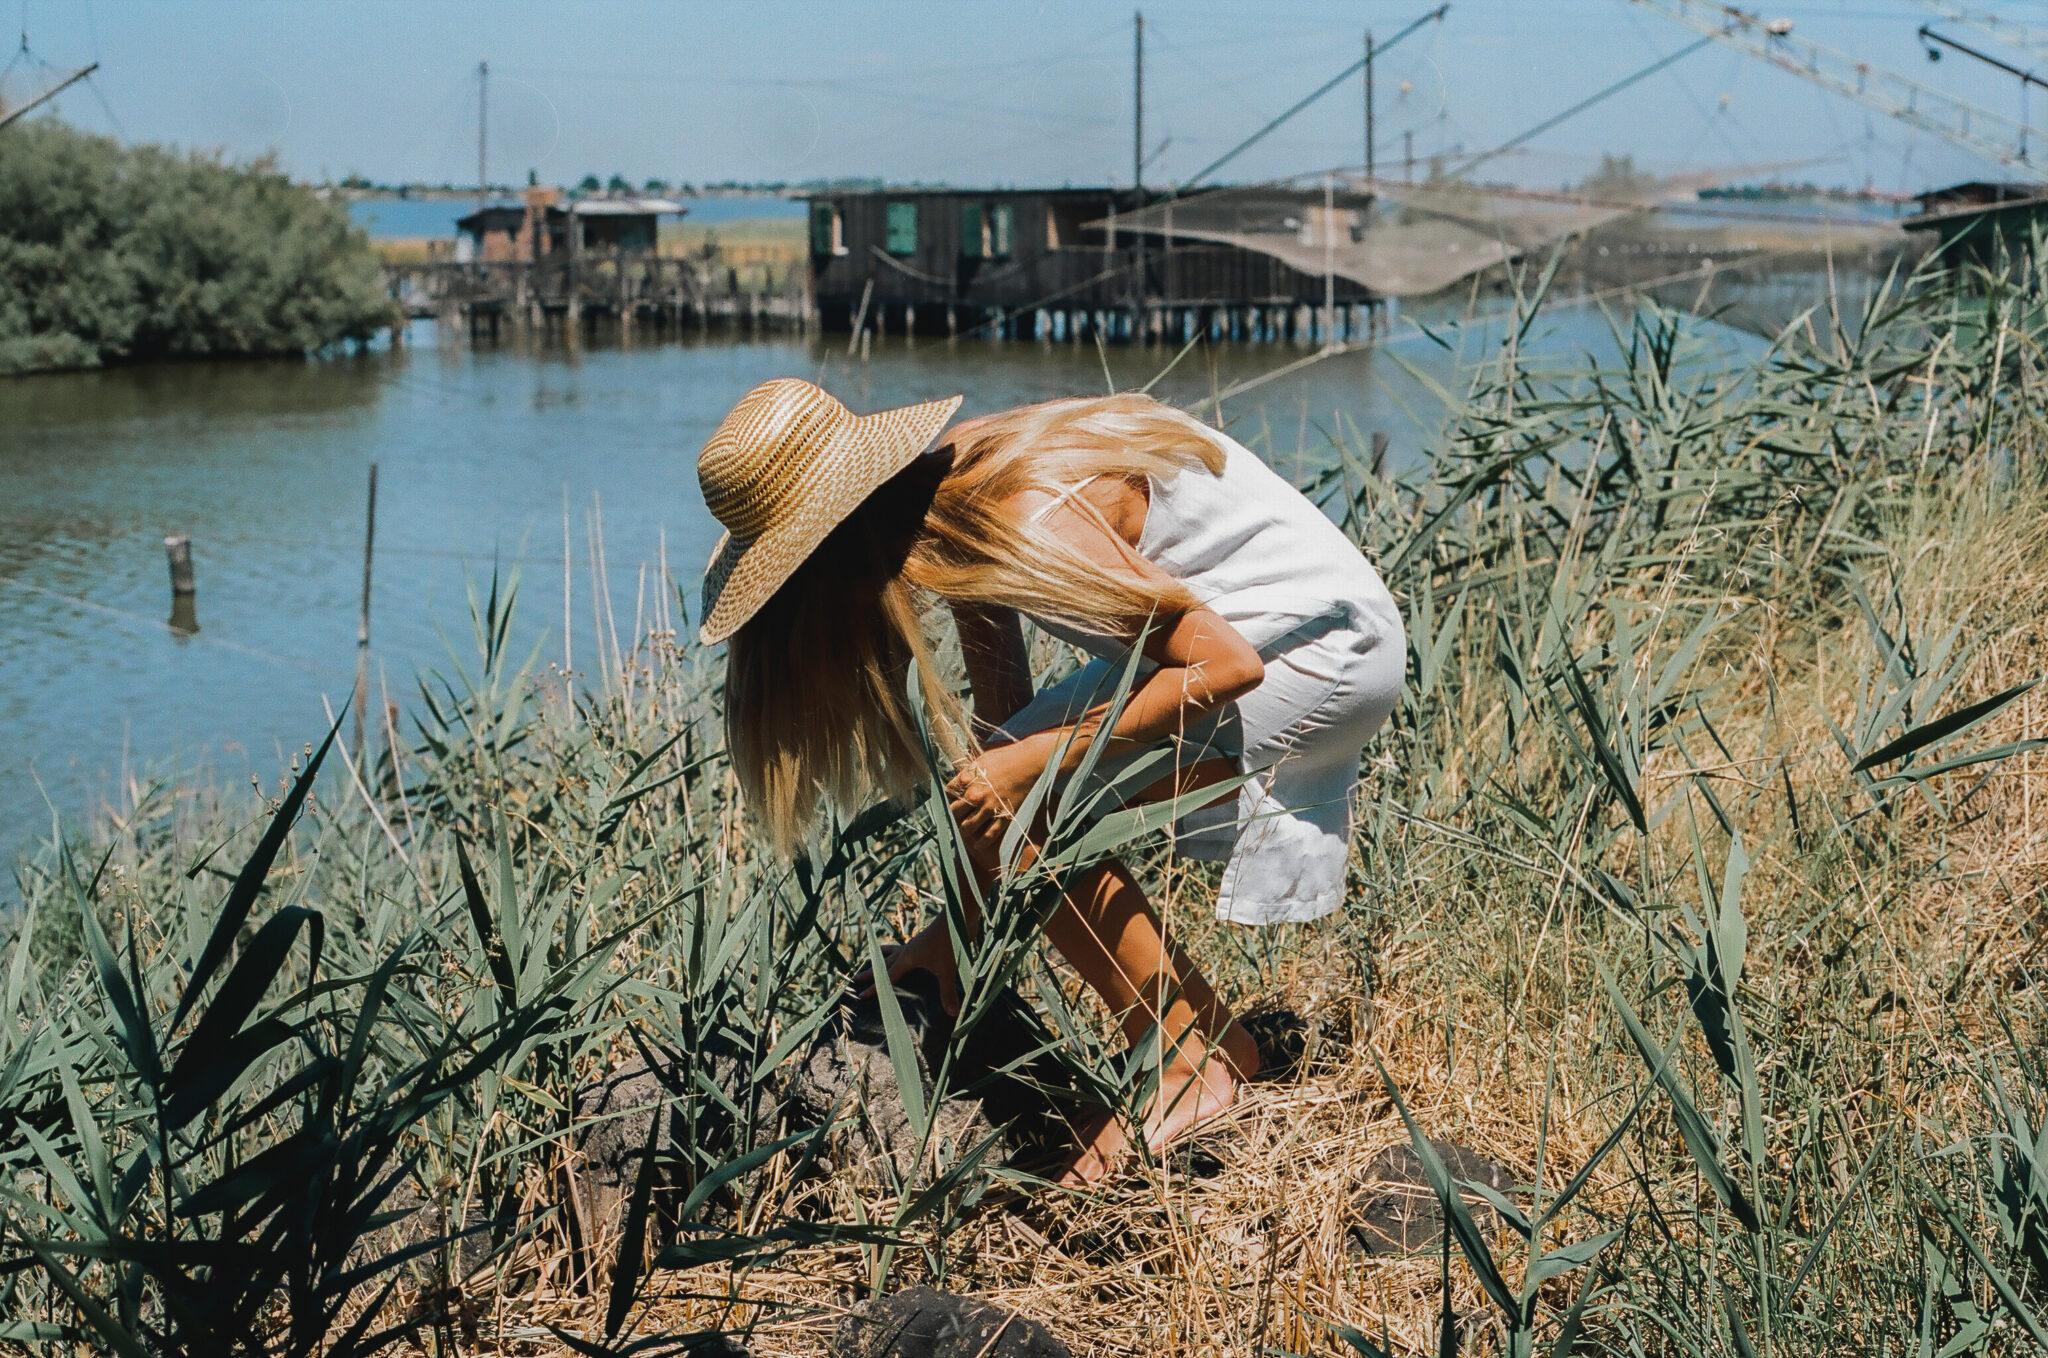 Modella con vestito azzurro e cappello di paglia, chinata in mezzo all'erba di fronte ad alcune palafitte, fotografia analogica